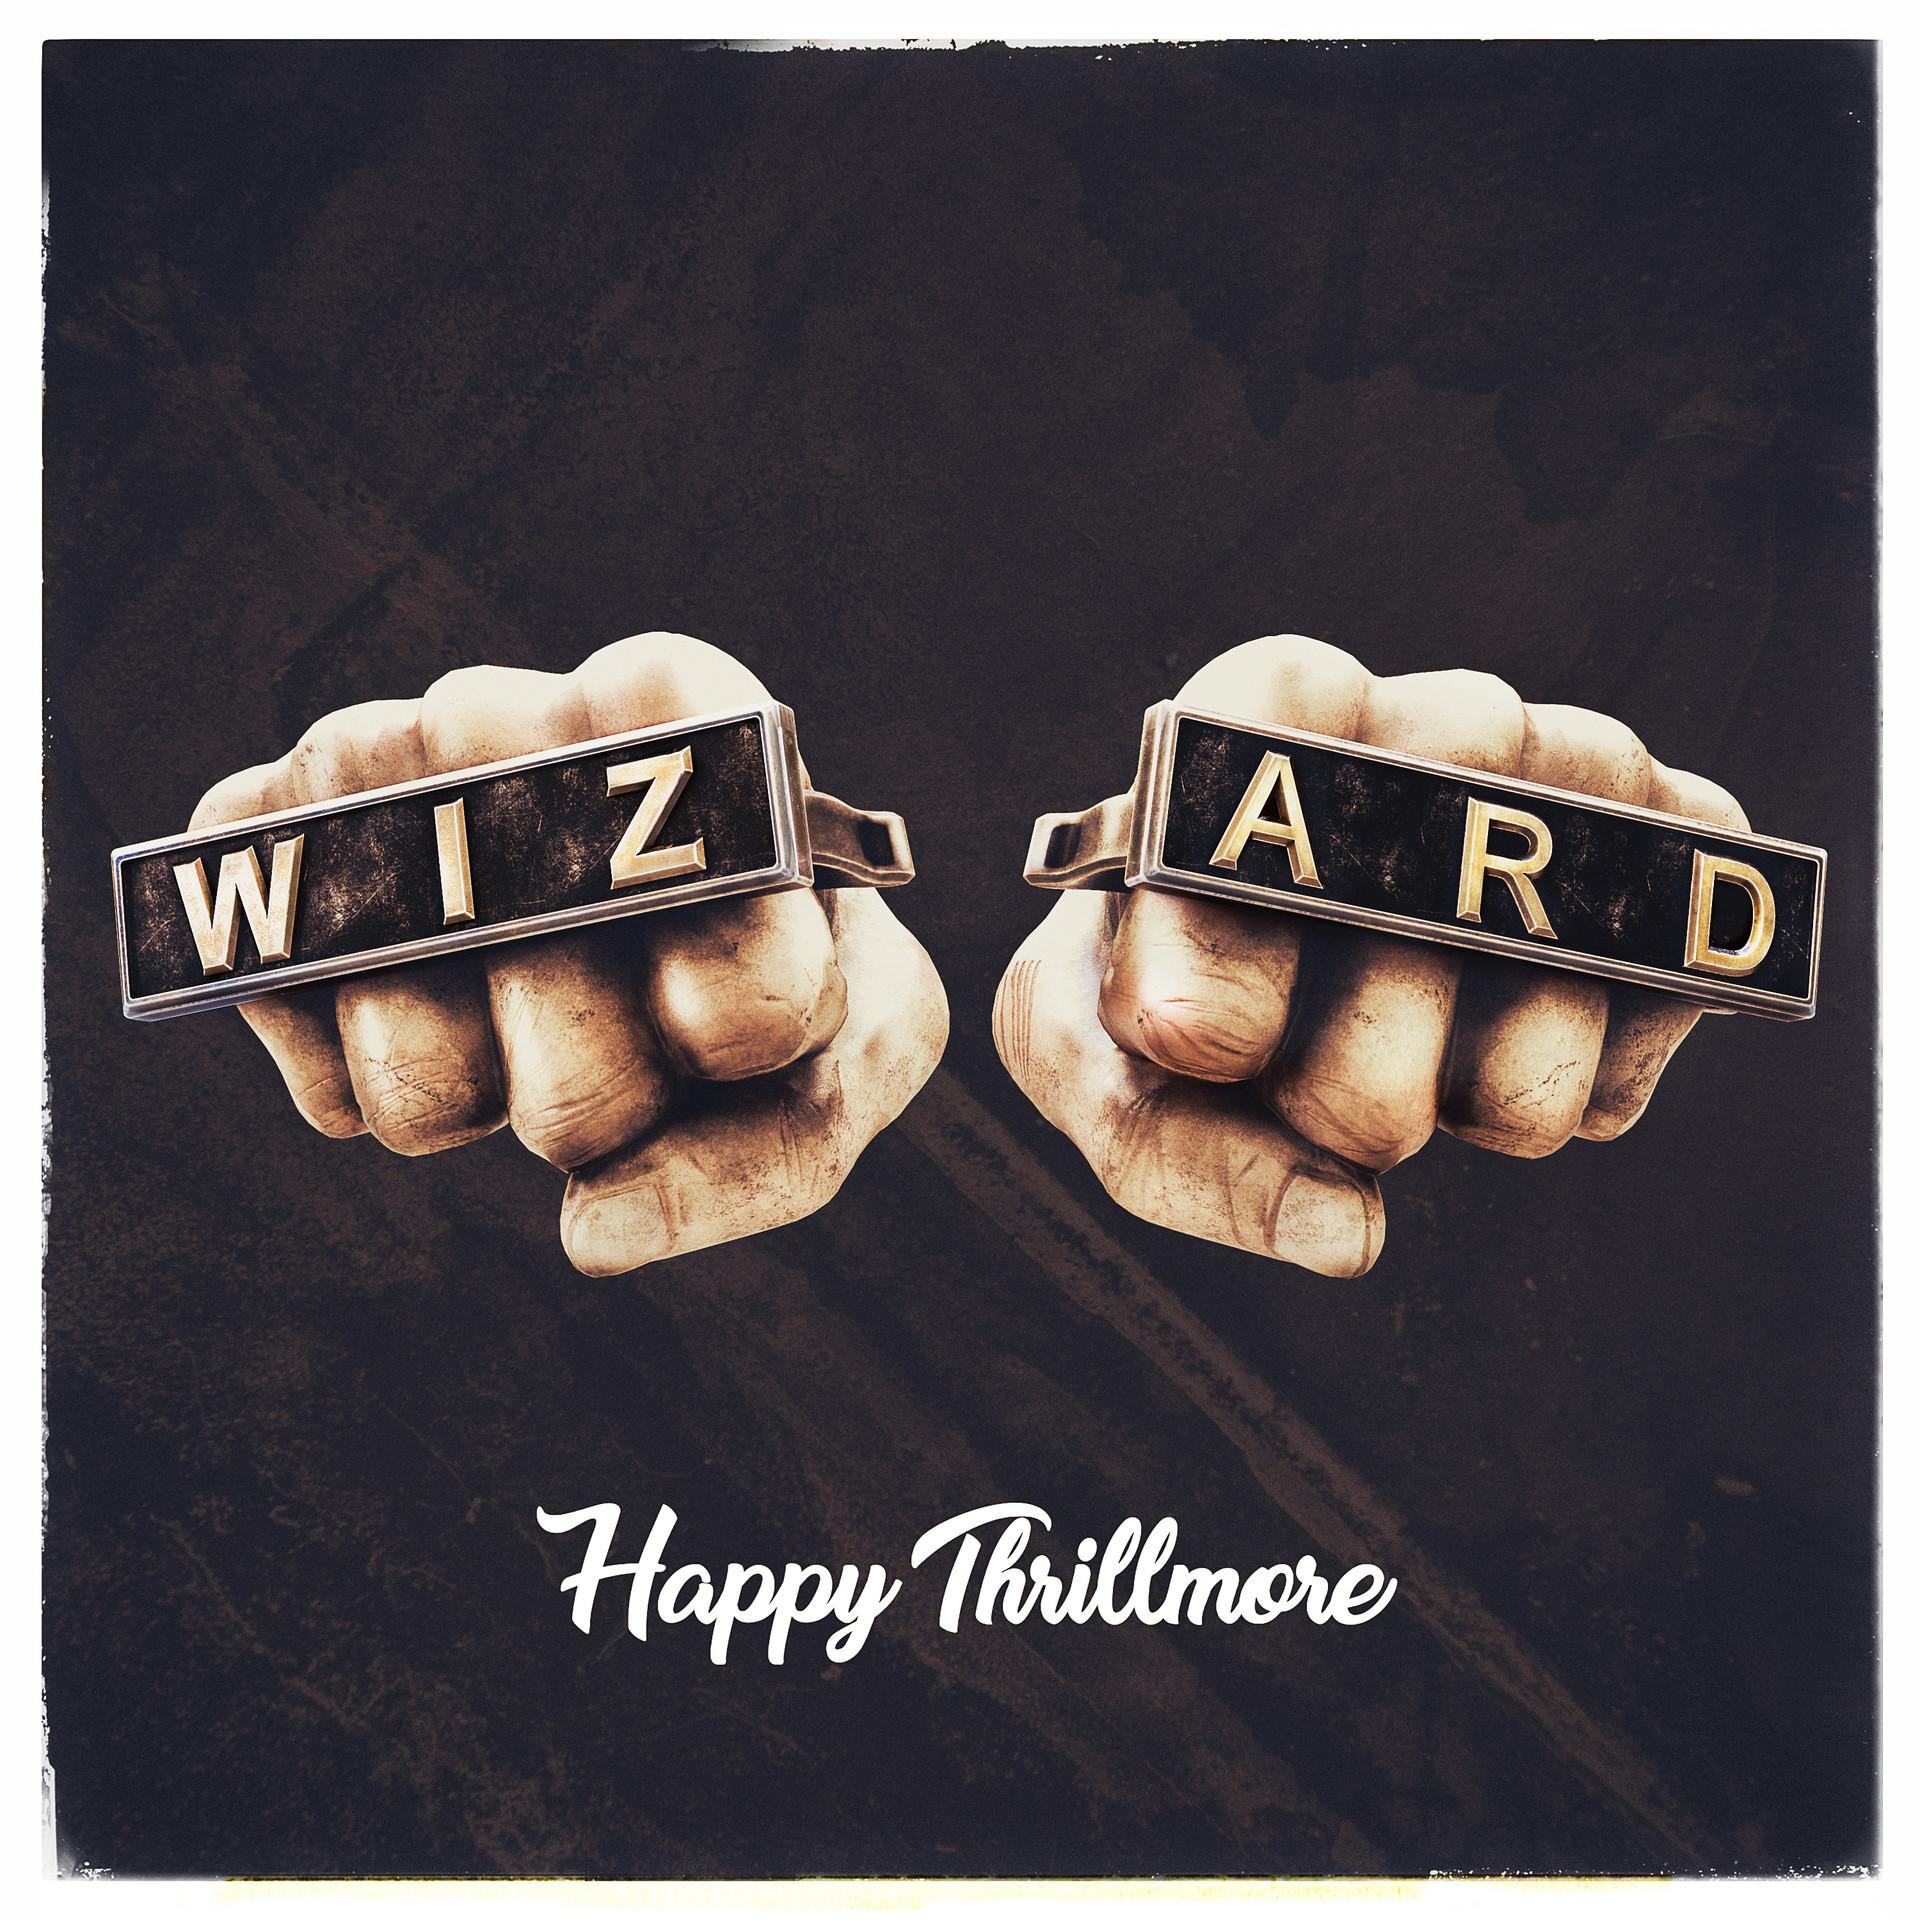 Billy sullivan happythrillmore wizard